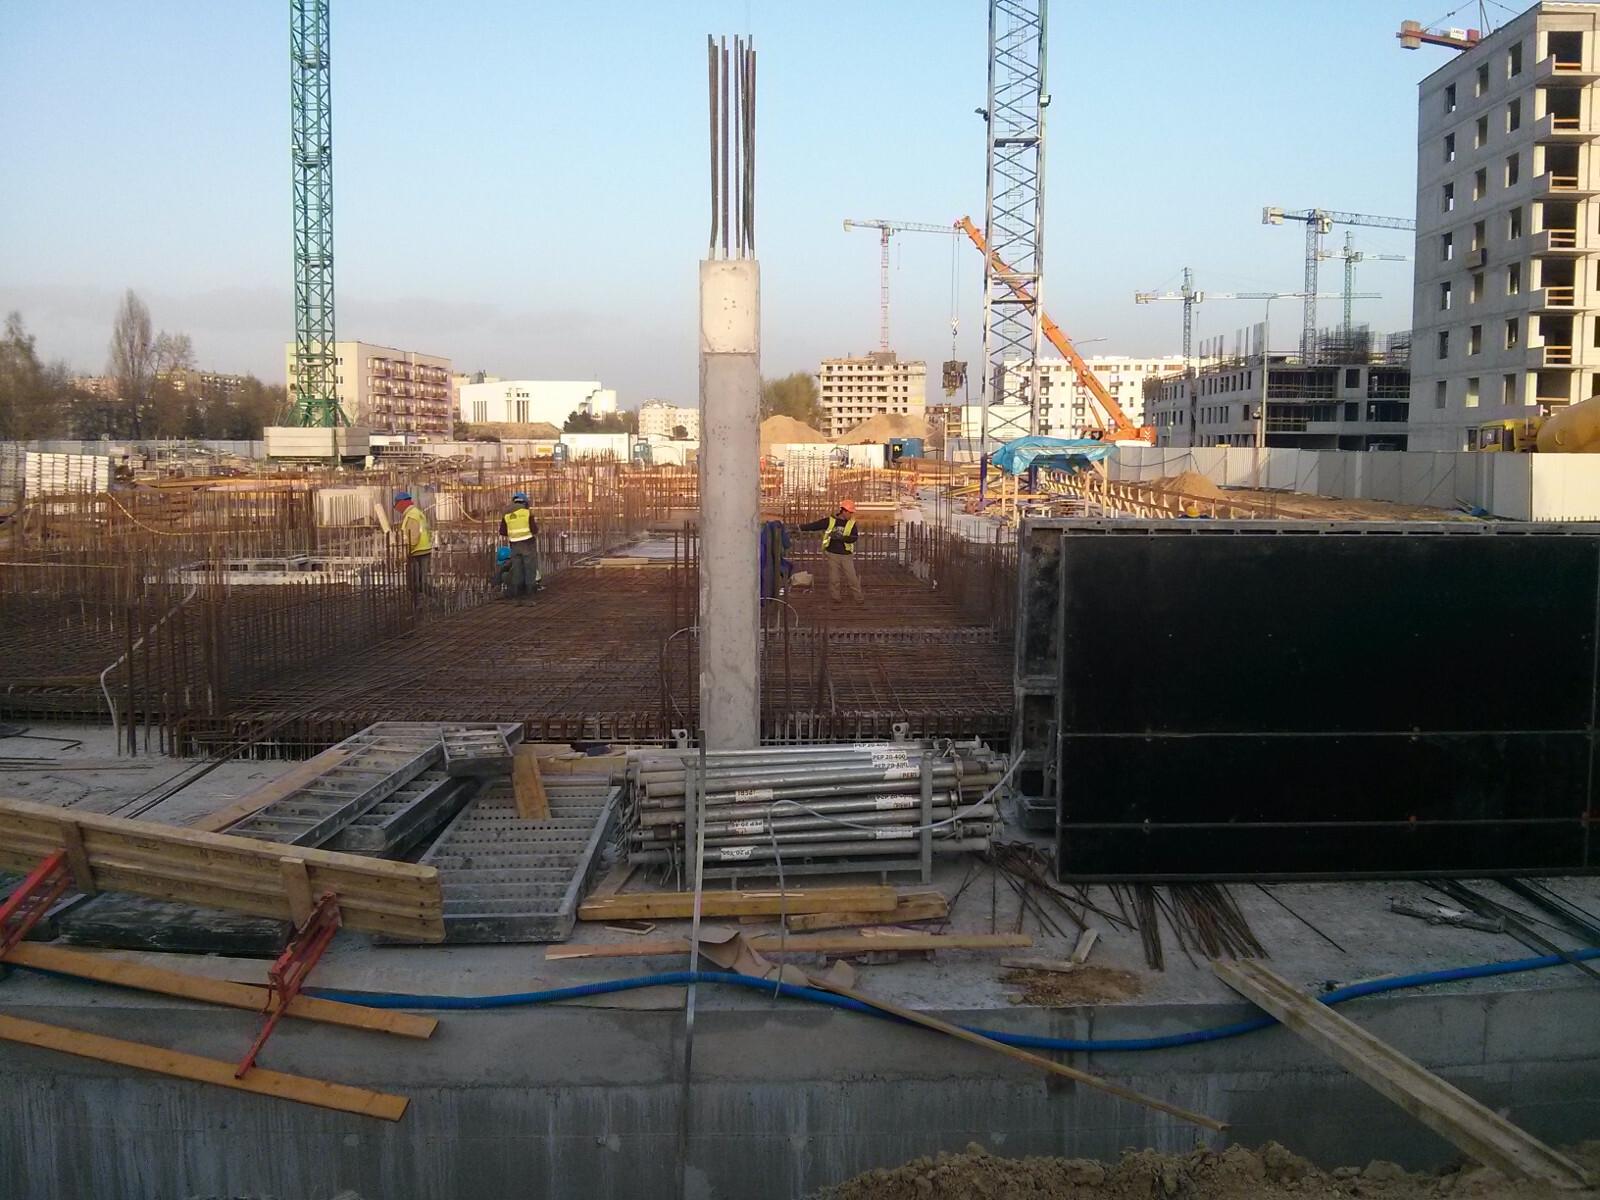 Budowa nowych mieszkań w Krakowie - Orlińskiego 1